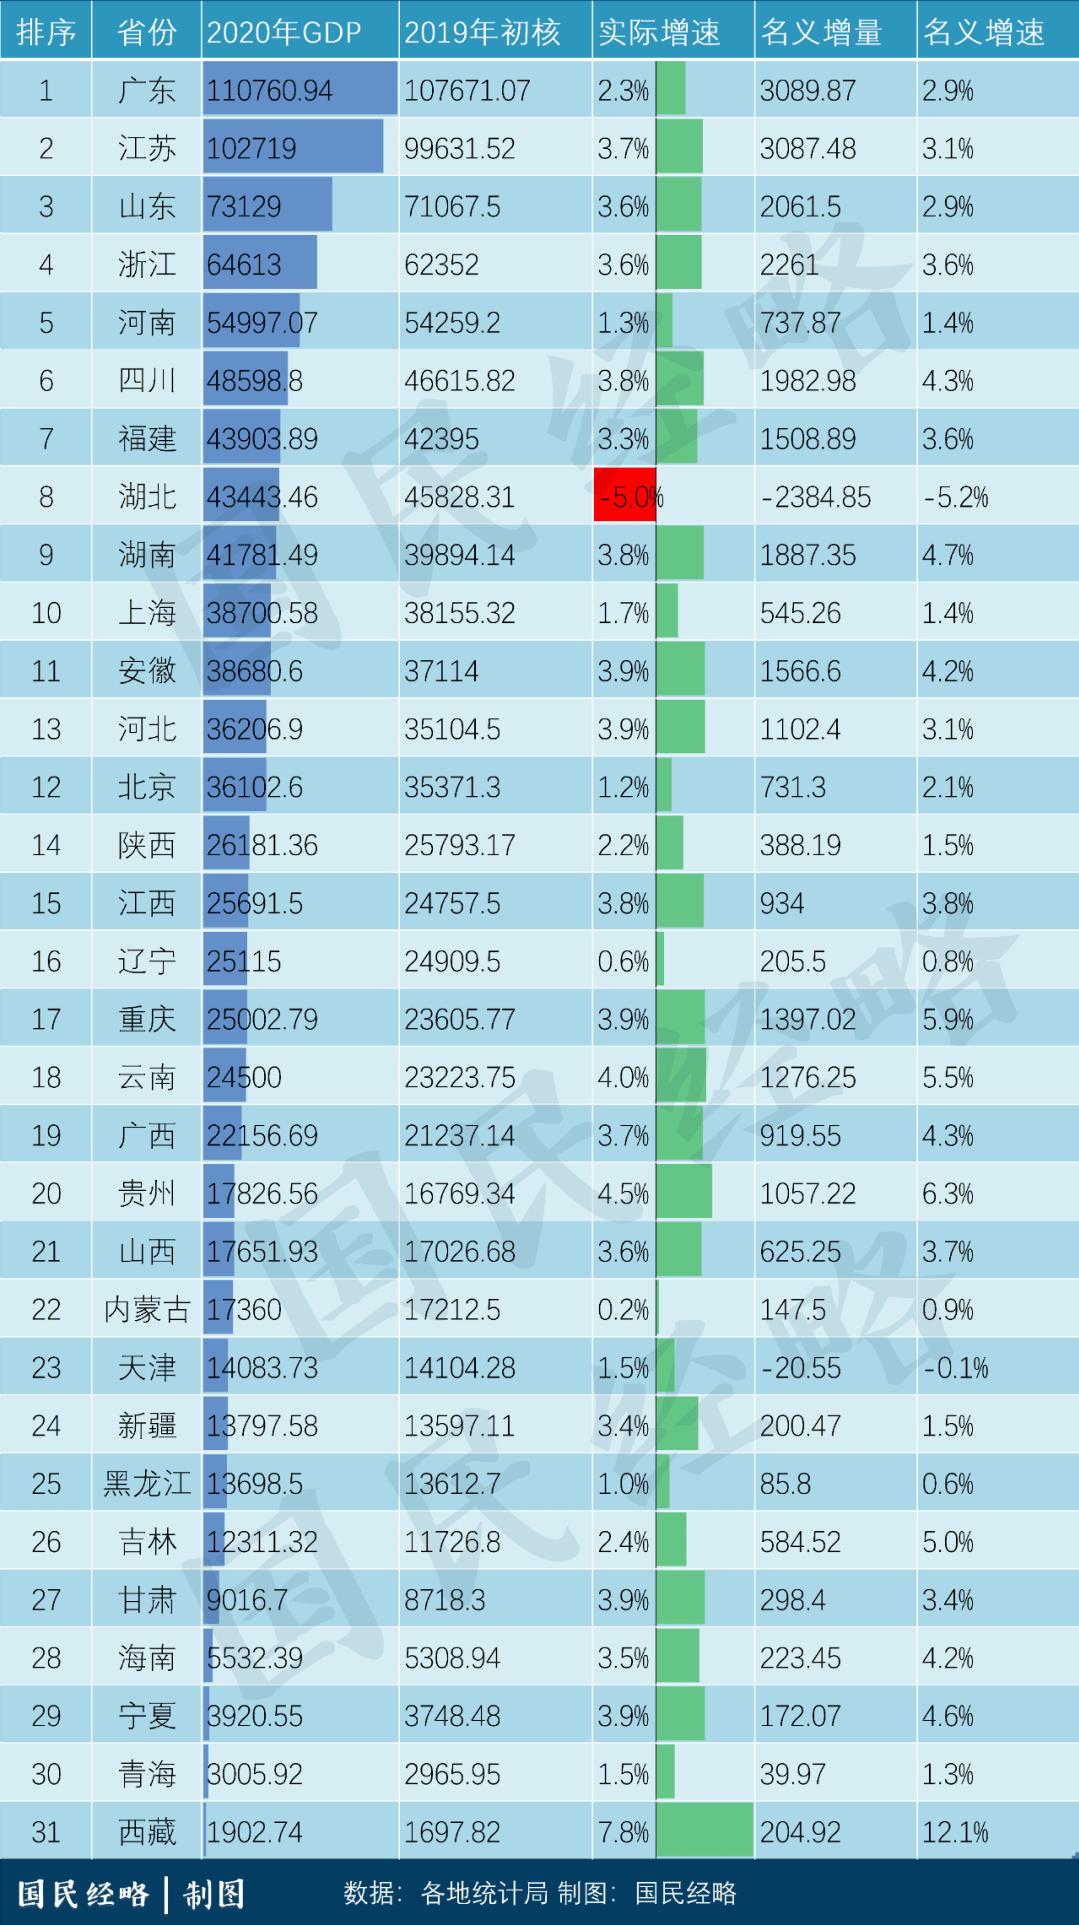 山东2020年总GDP_厉害了 滕州入围全国榜单